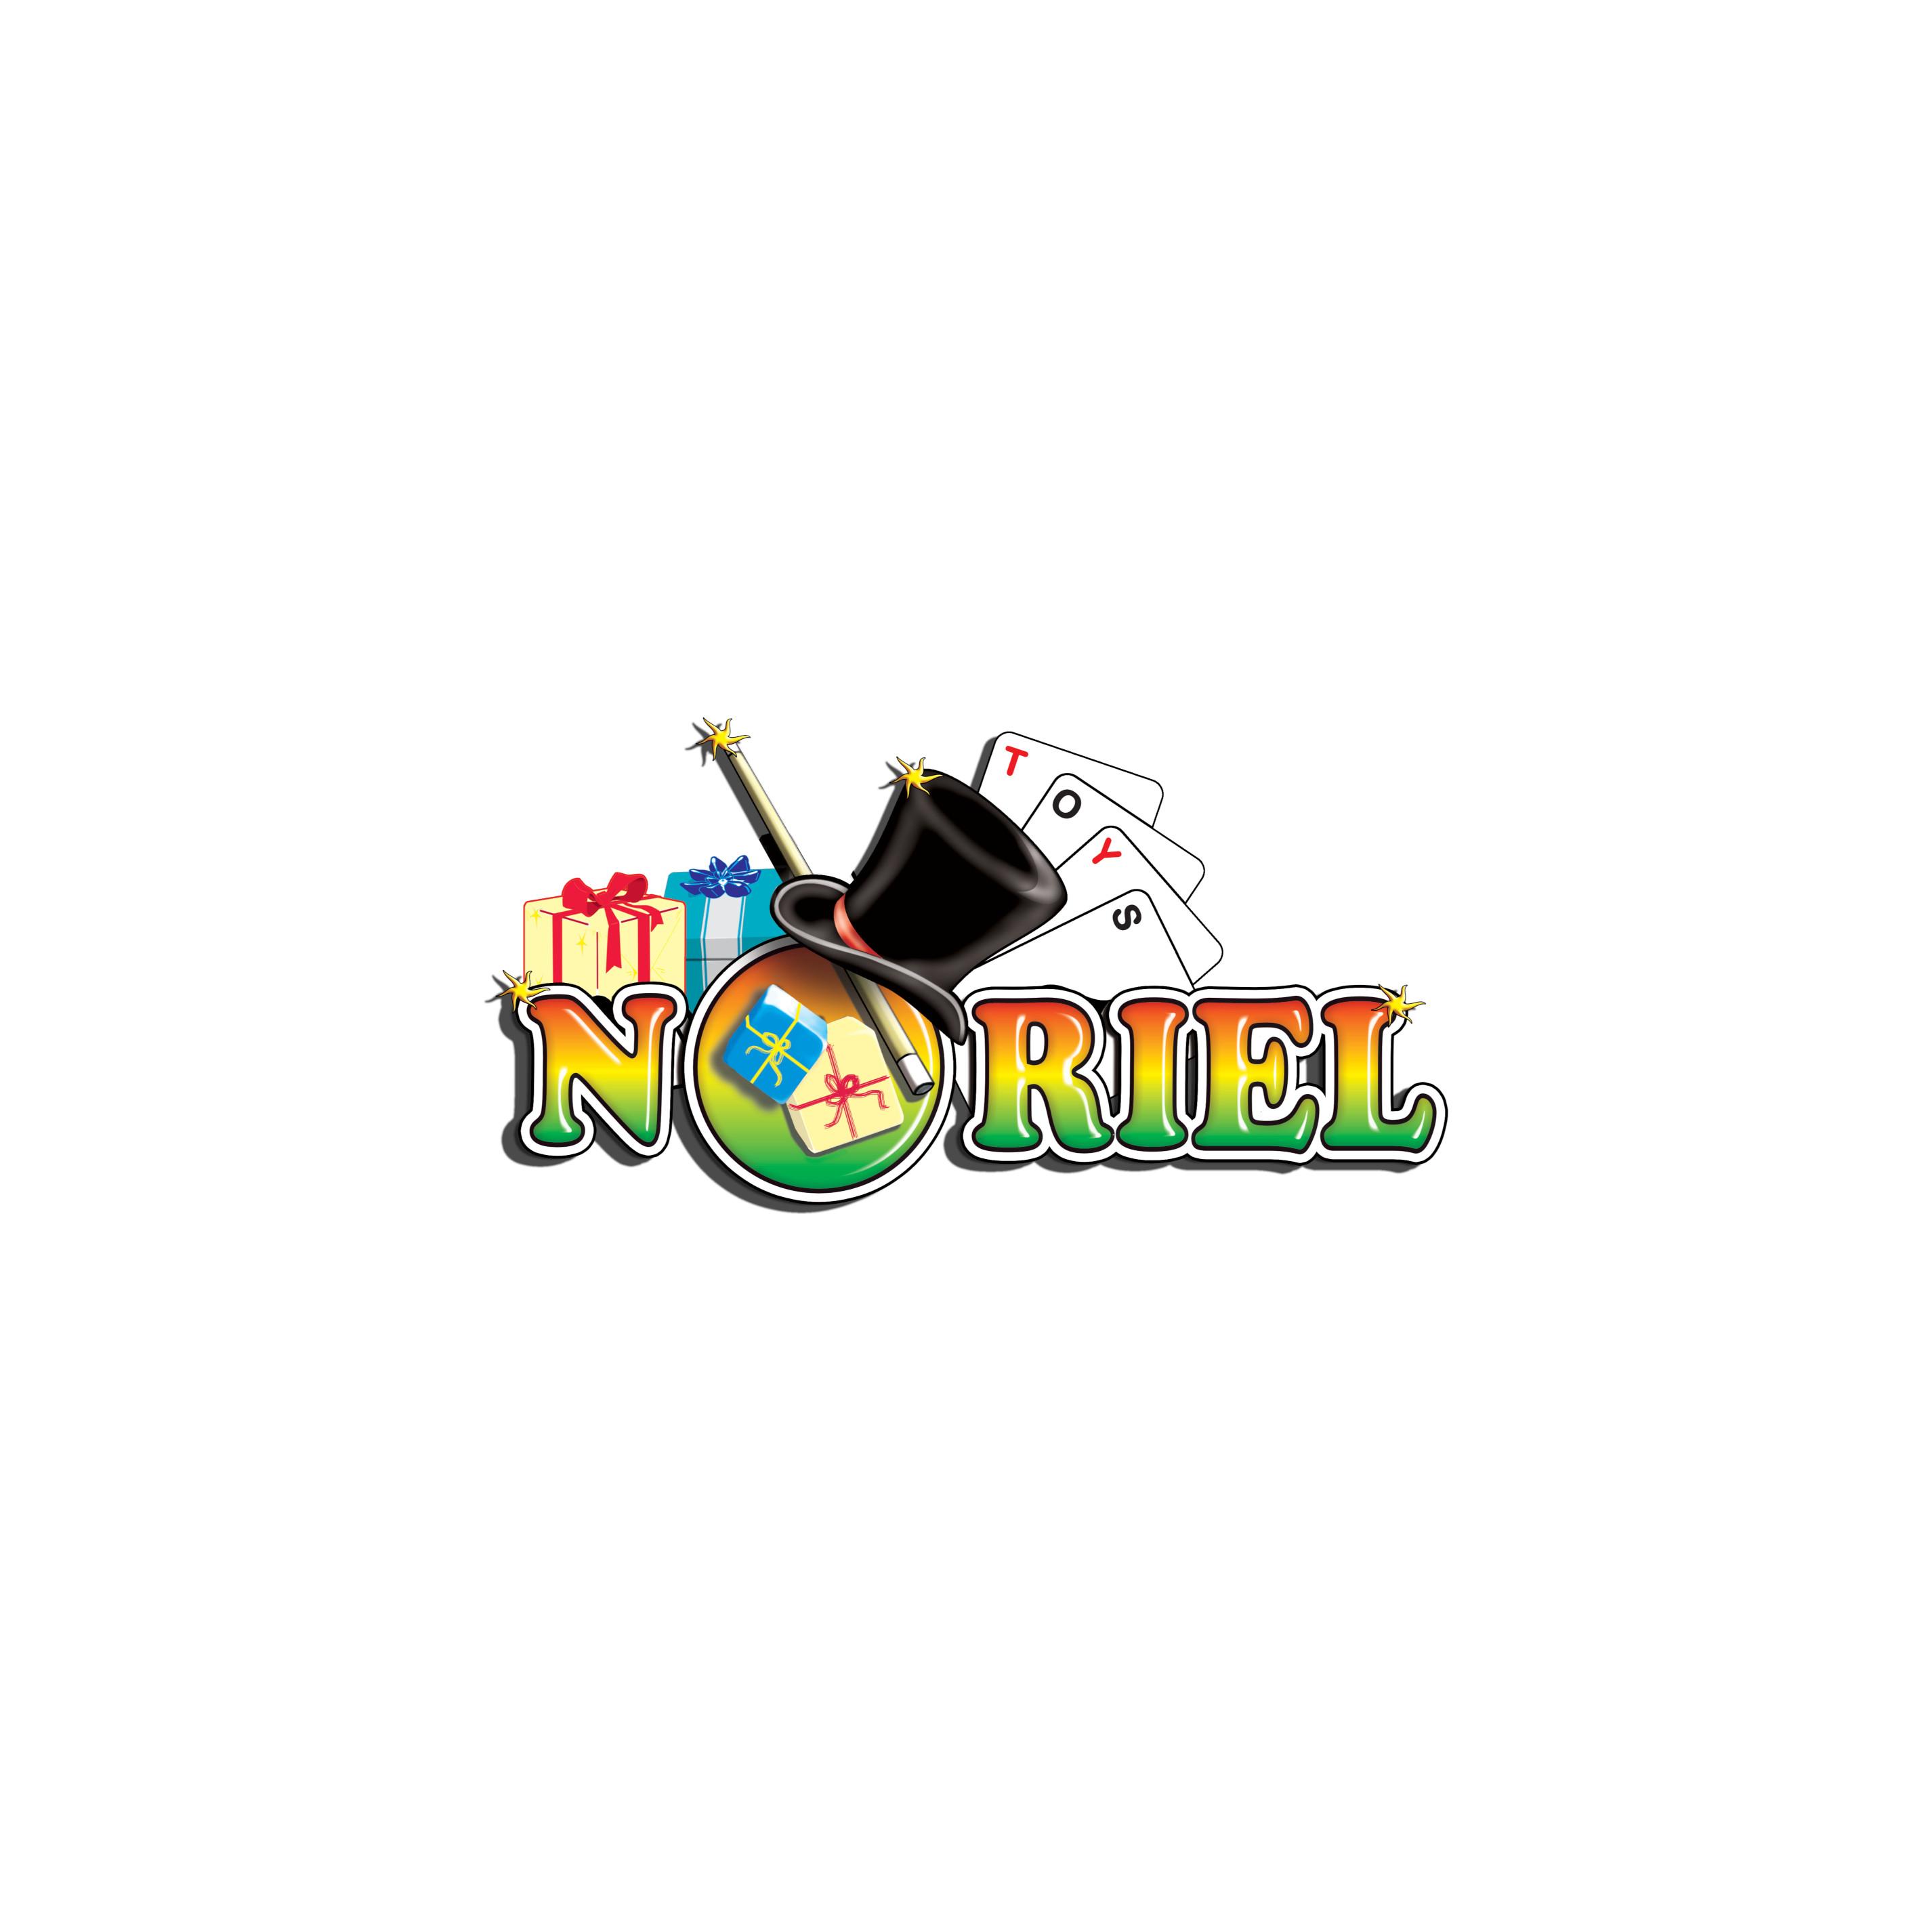 Mickey Mouse - Set desen cu accesorii 5 in 1